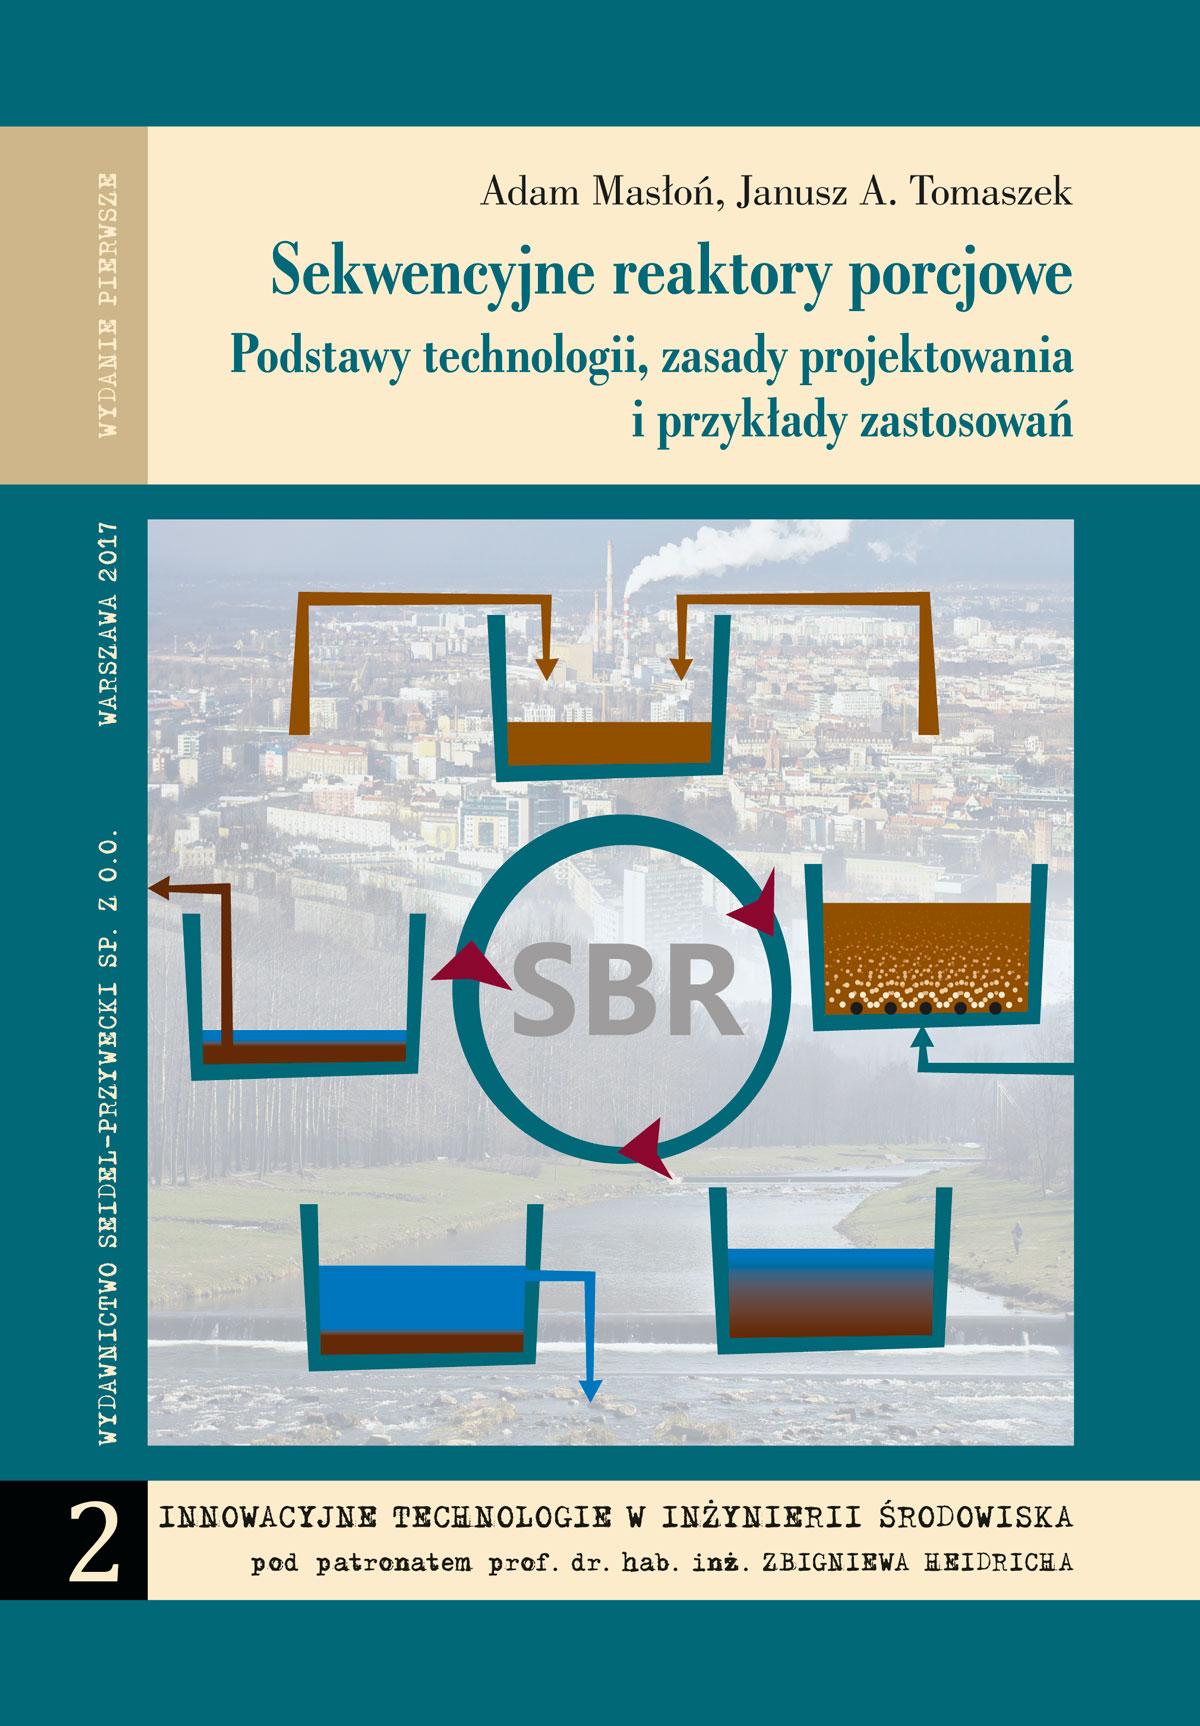 Sekwencyjne reaktory porcjowe. Podstawy technologii, zasady projektowania i przykłady zastosowań (Adam Masłoń, Janusz A. Tomaszek)